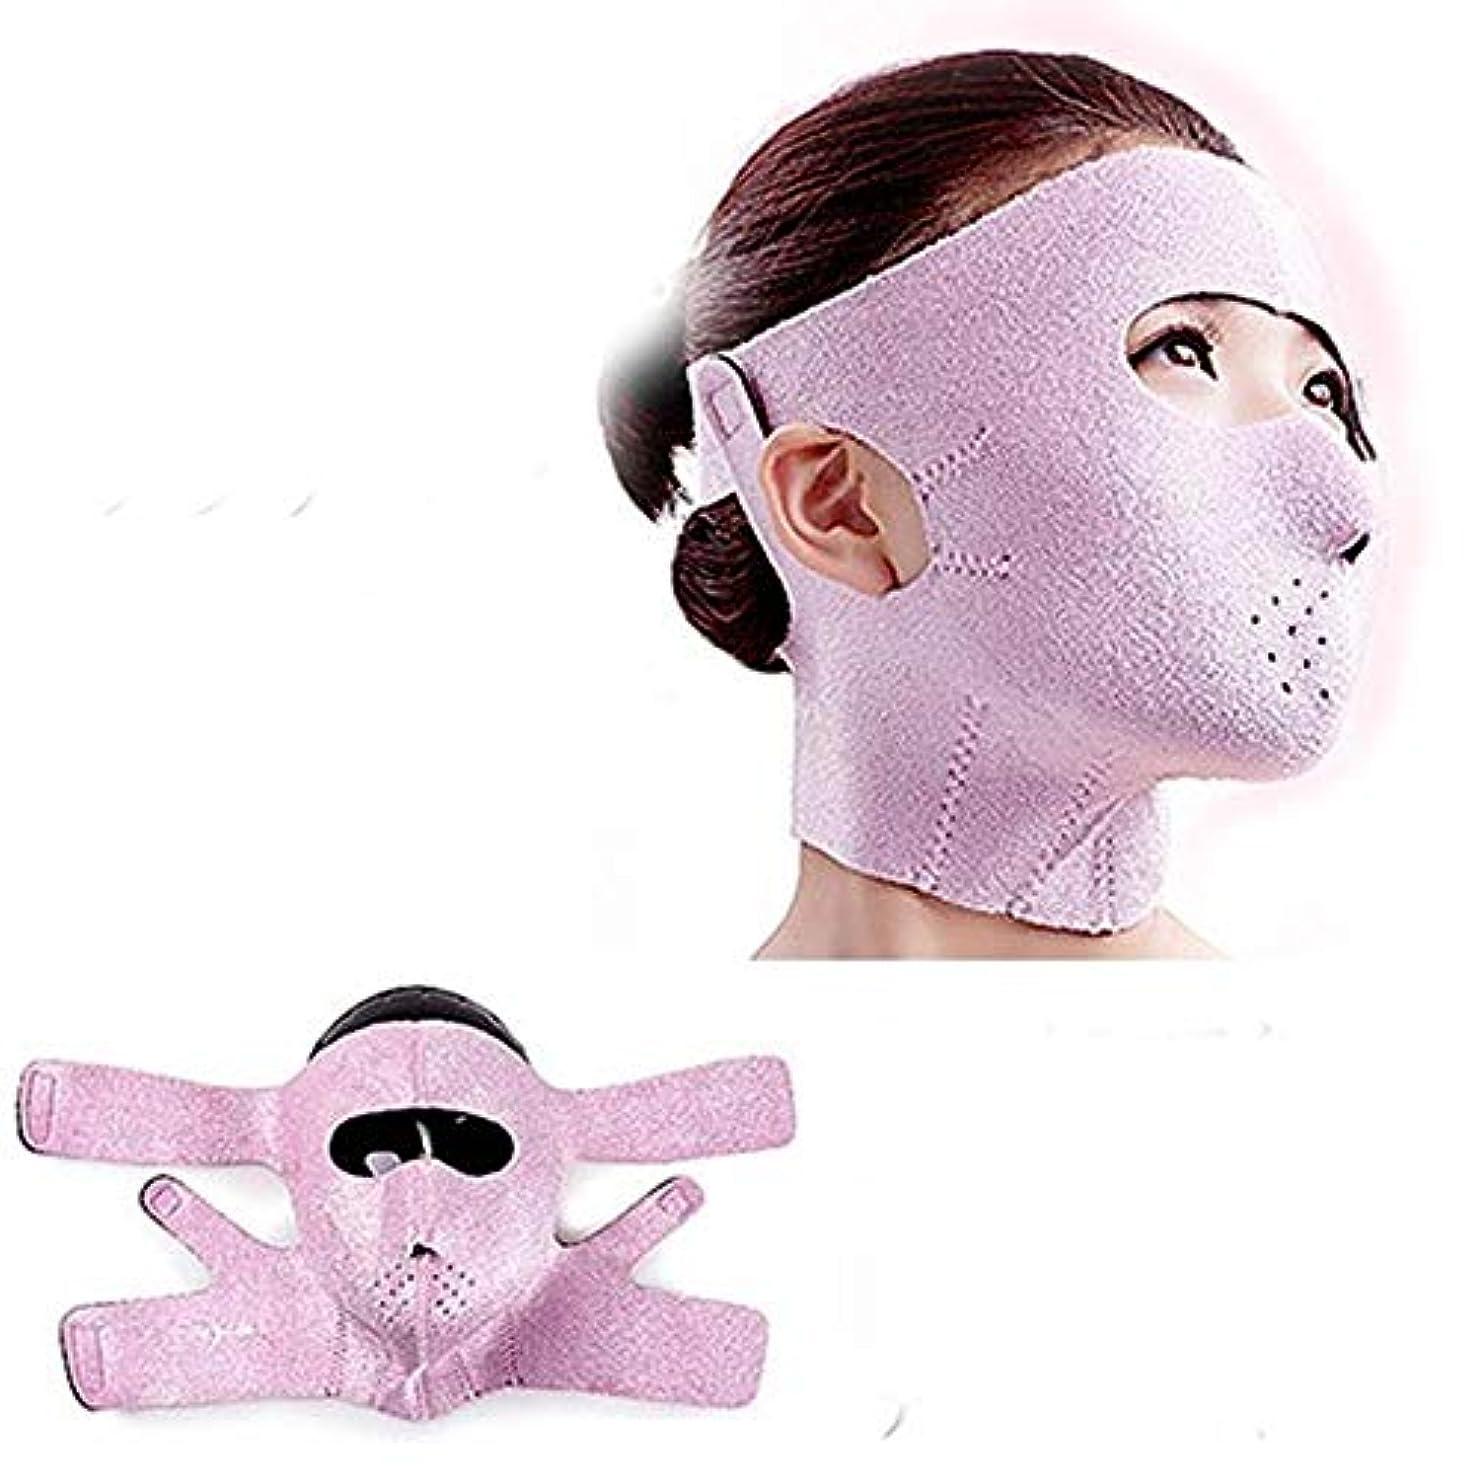 小間戦略修正する小顔 矯正 補正 サウナ マスク サポーター 顔 リフトアップ エステ ダイエット